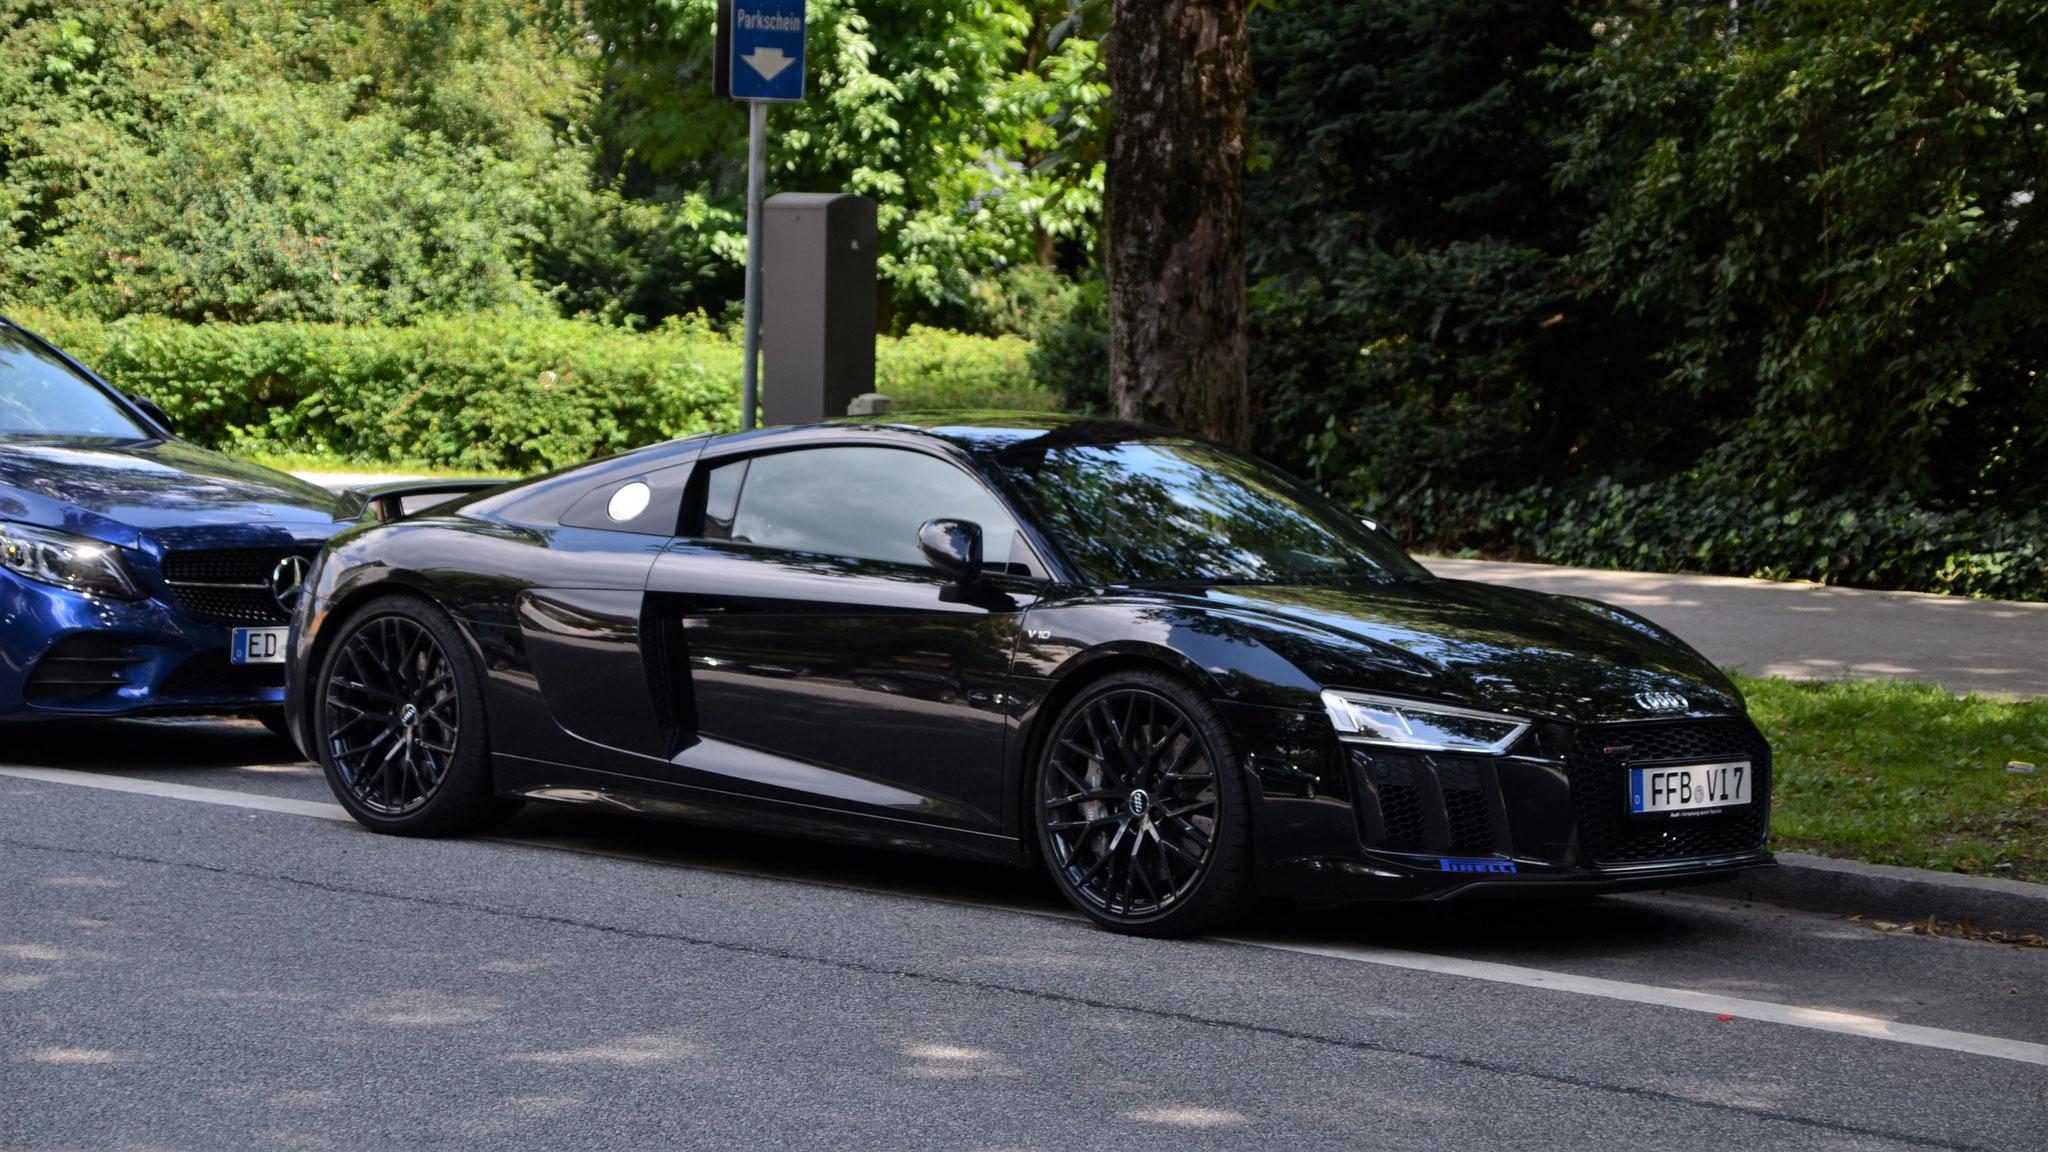 Audi R8 V10 - FFB-VI-7